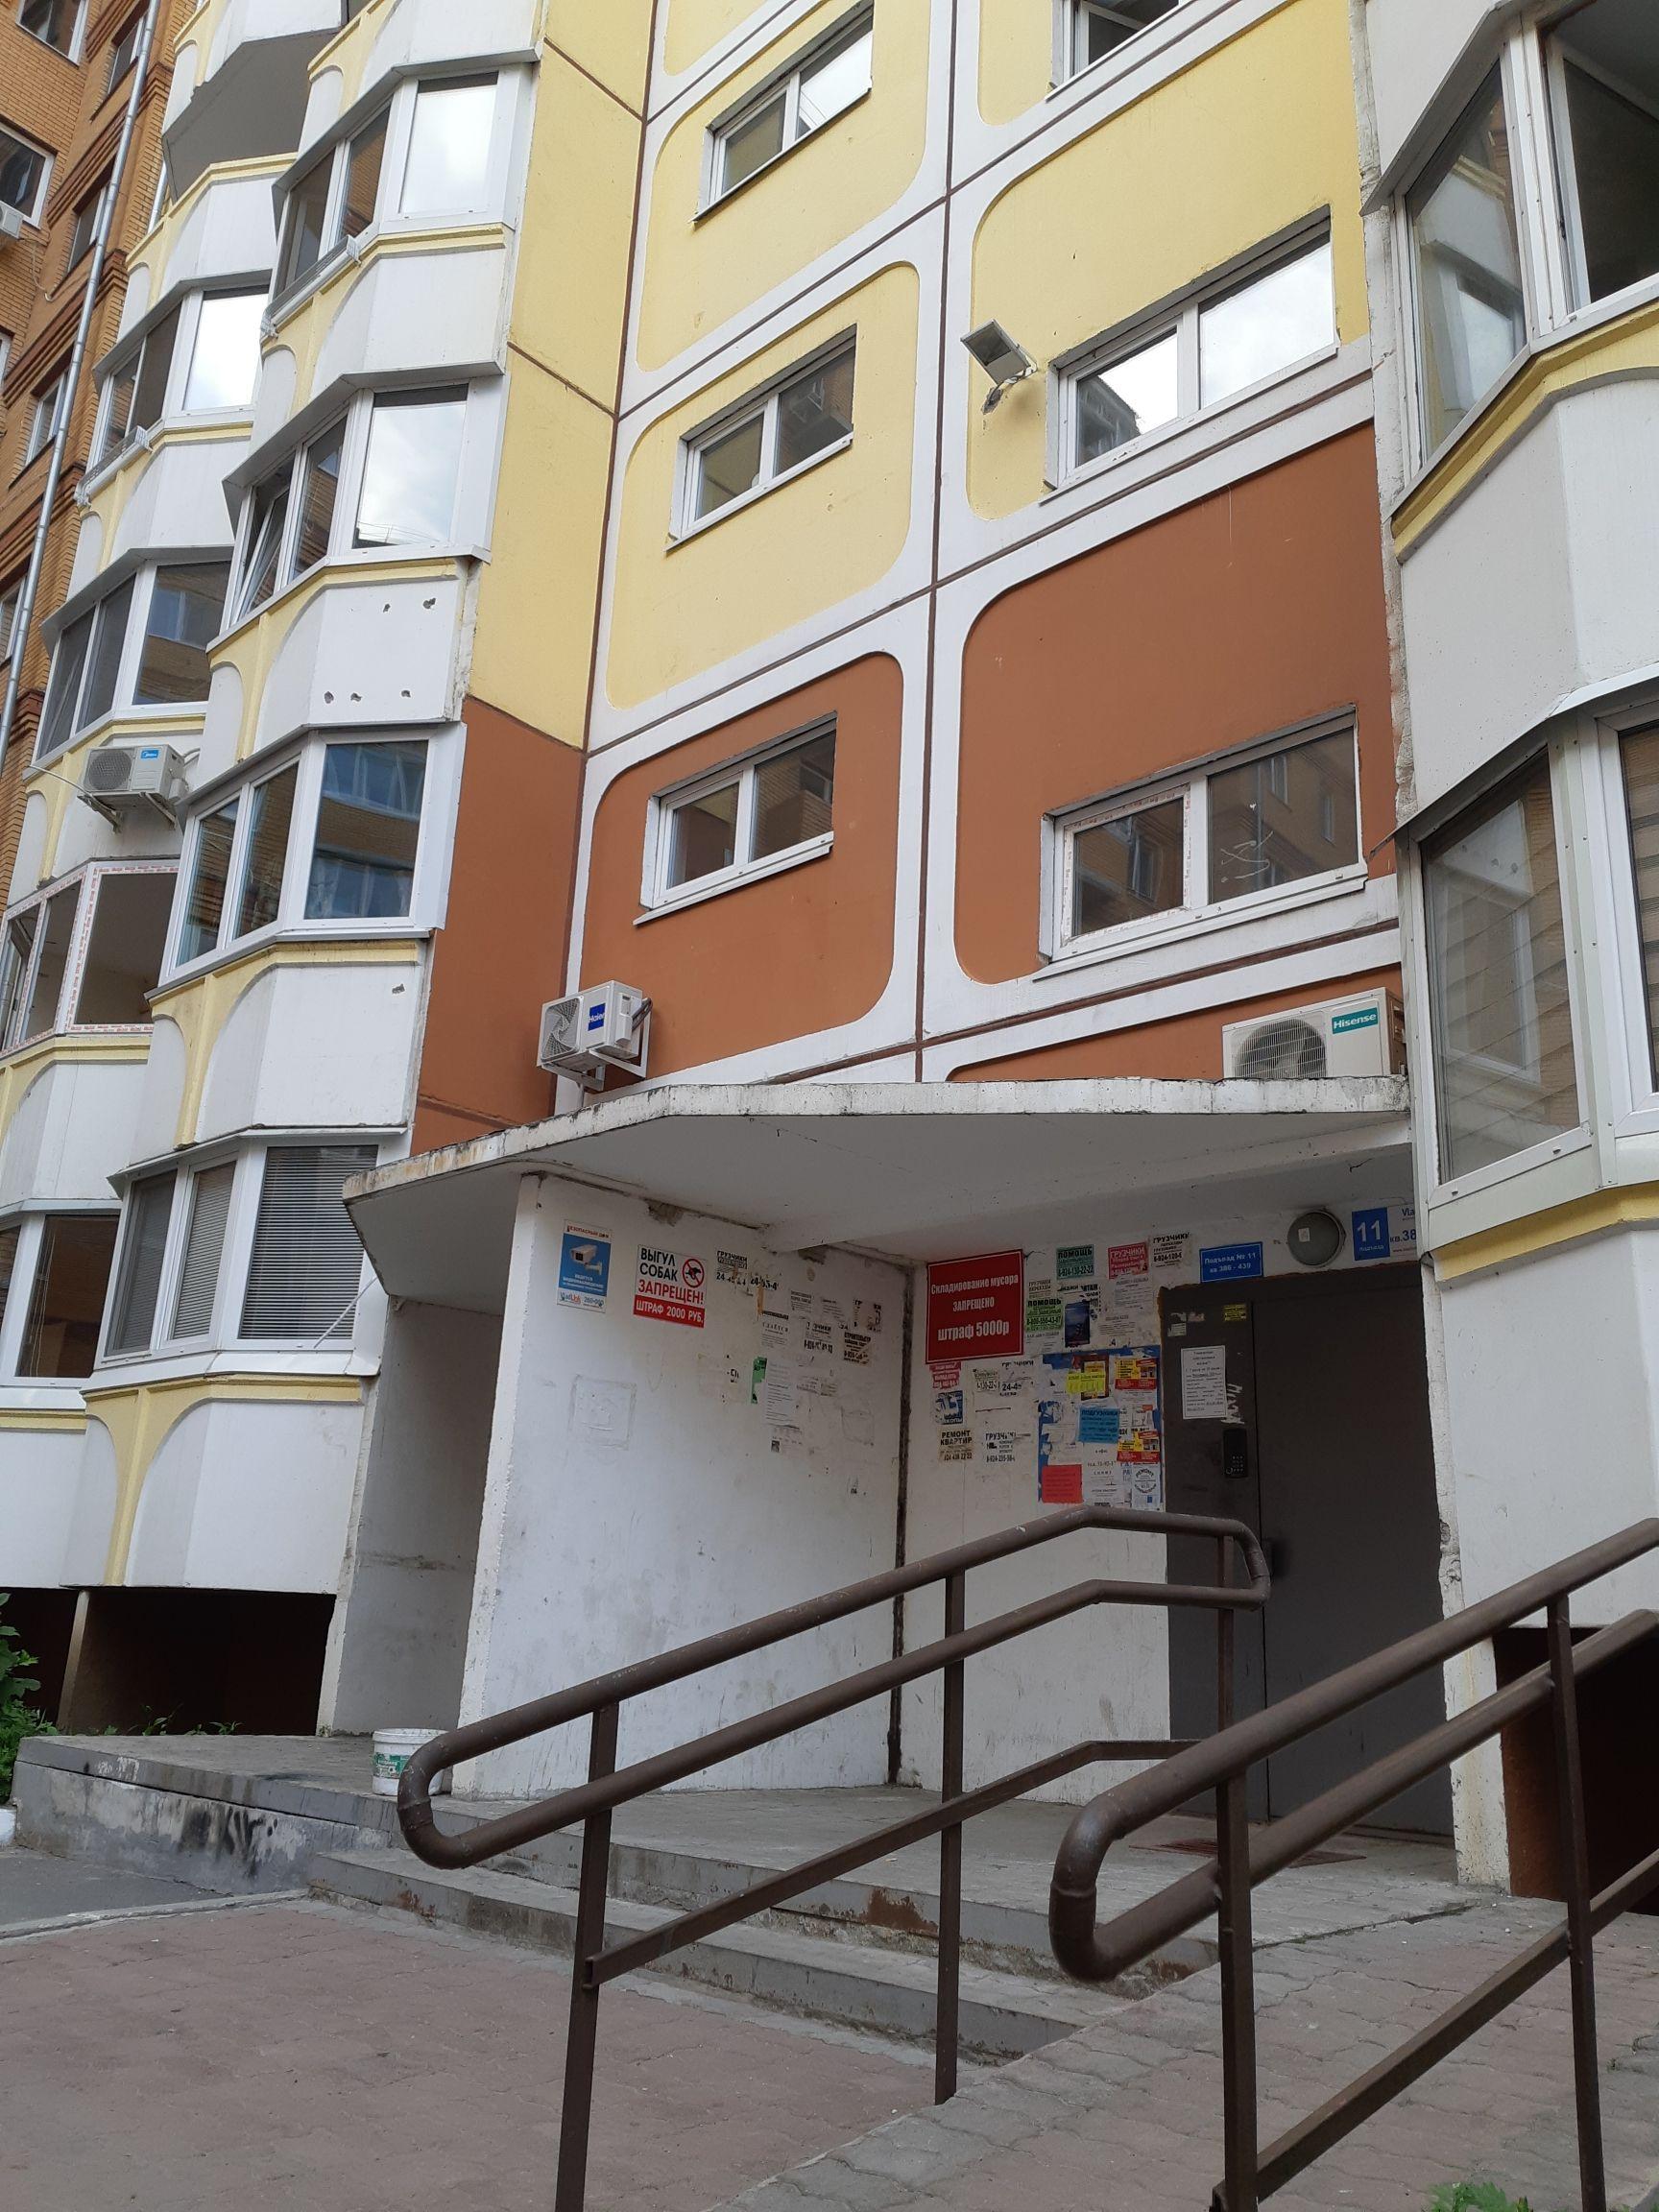 Фото: Продается отличная квартира на 4м этаже, готовое решение заехать и жить